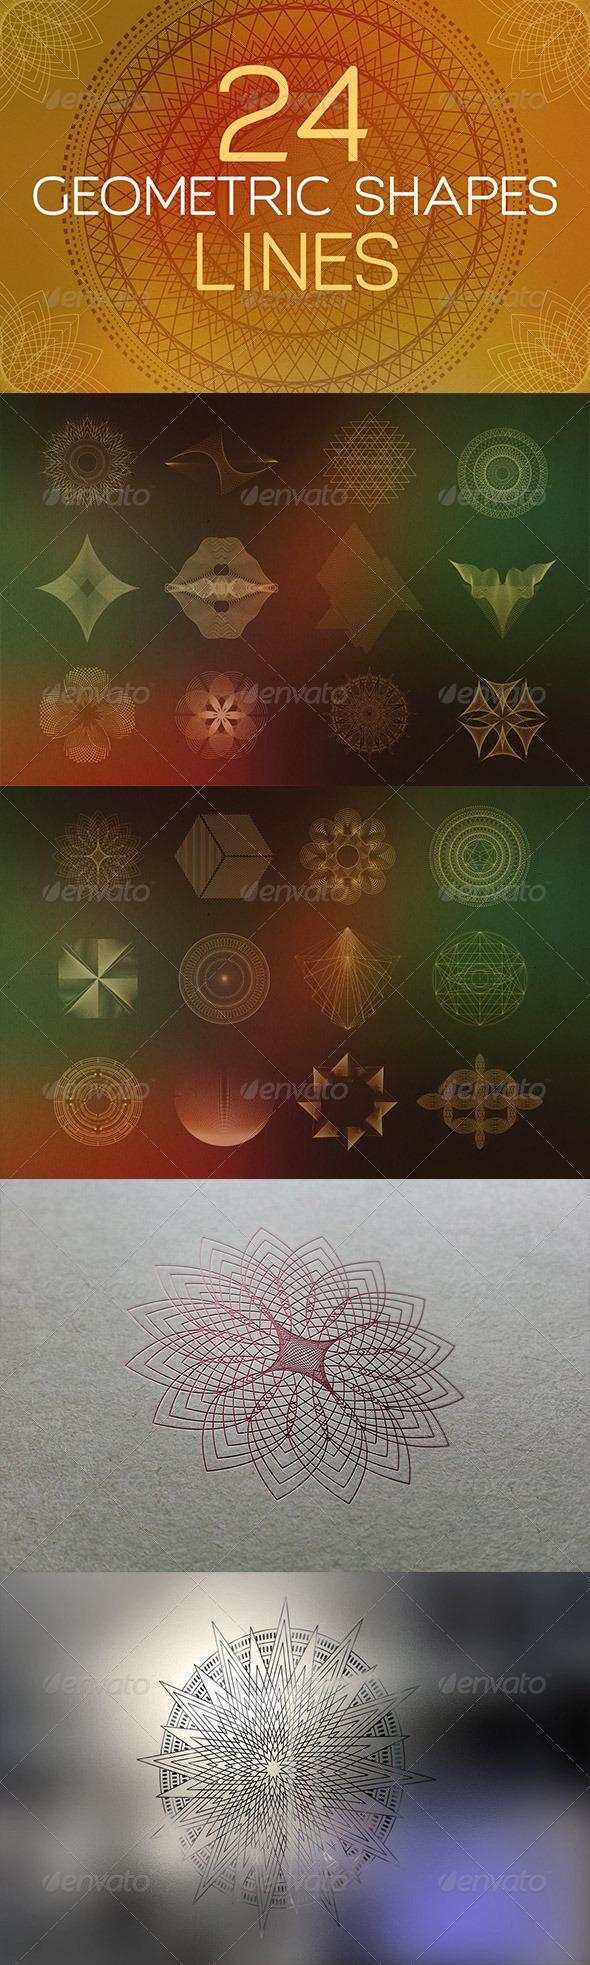 GraphicRiver 24 Geometric Shapes Lines v.1 7771641